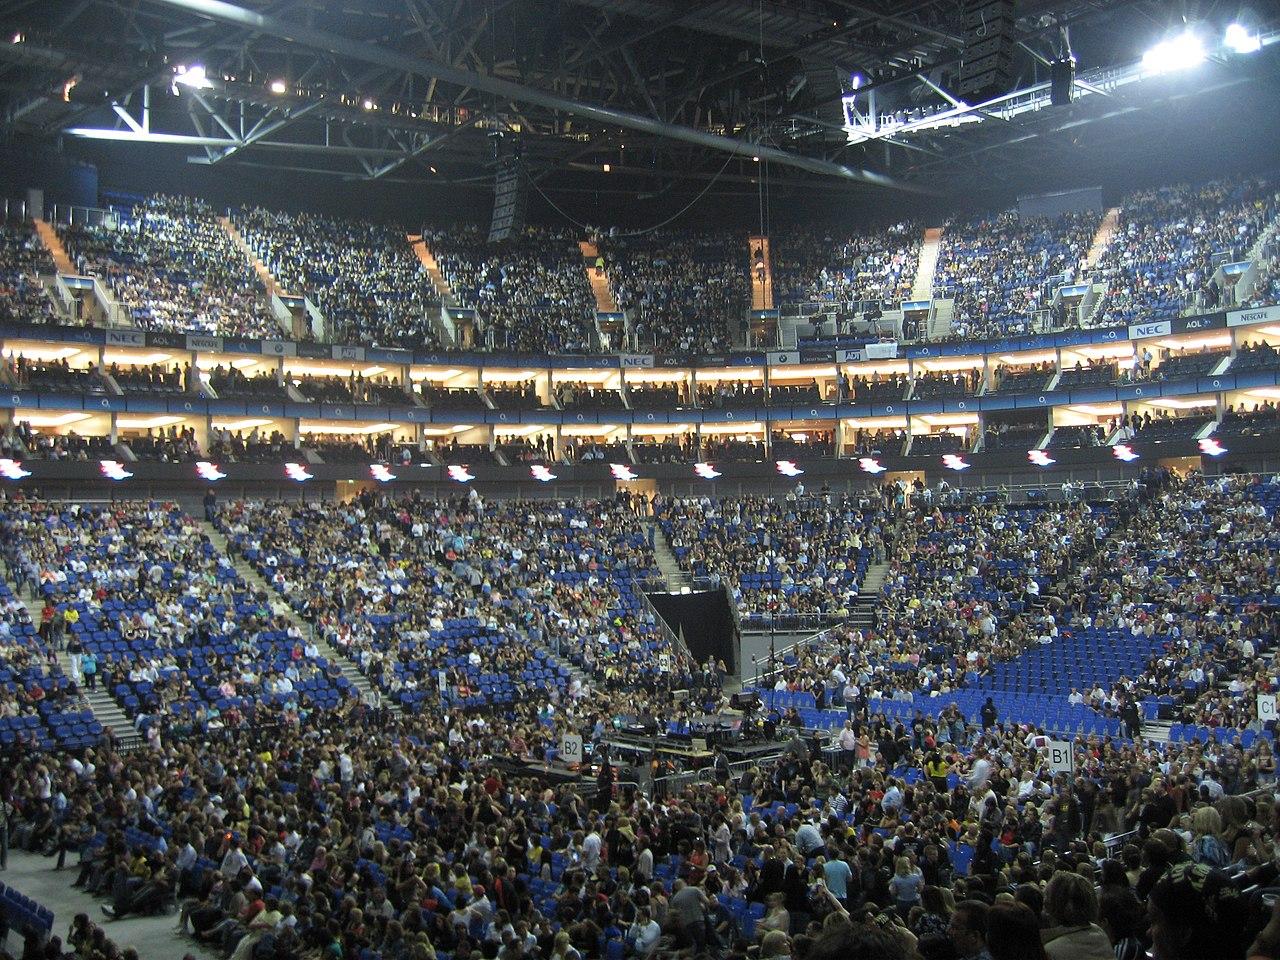 1280px-O2_arena.jpg